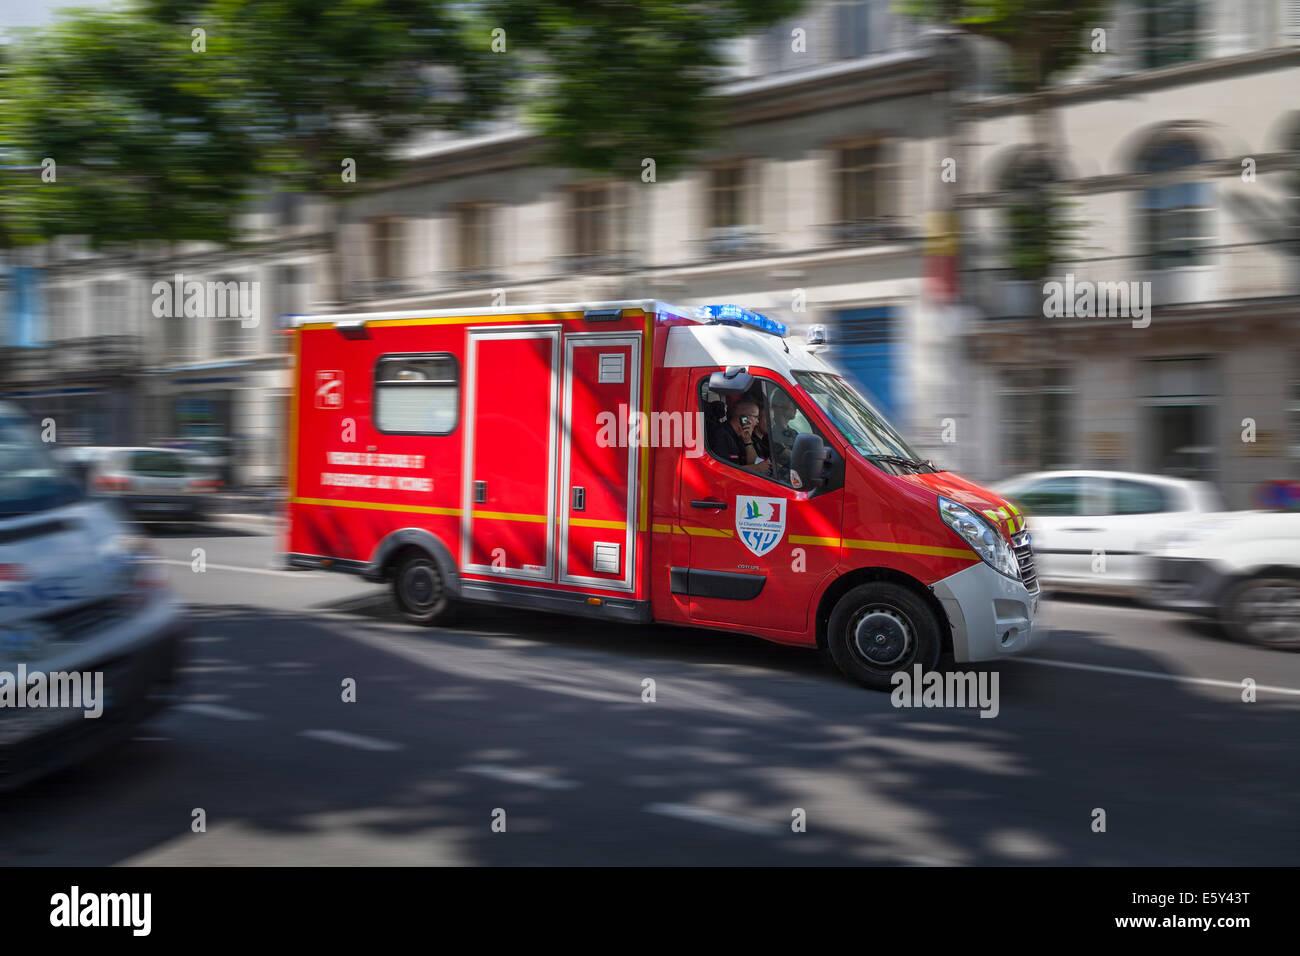 Verschwommene französischen Einsatzfahrzeug Rauschen durch Stadtstraße mit Blaulicht blinkt. Stockbild